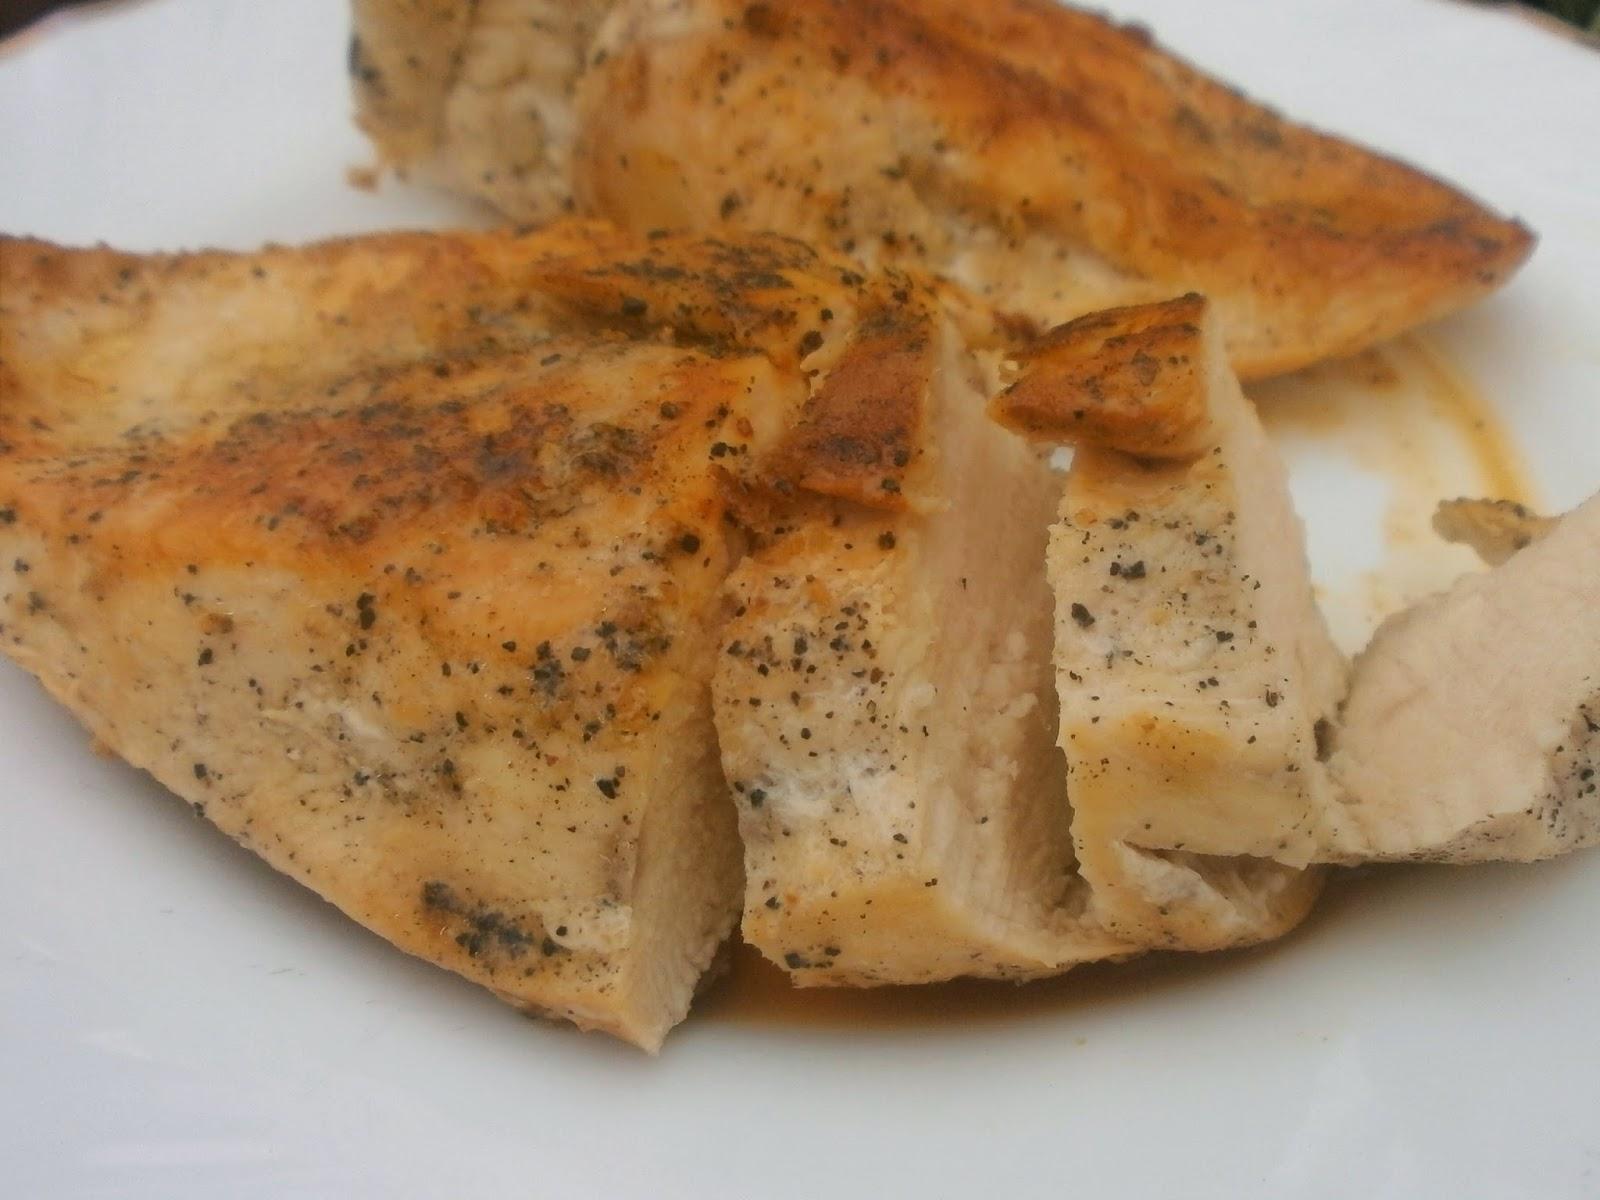 Recetas de pechuga de pollo - hogarmaniacom